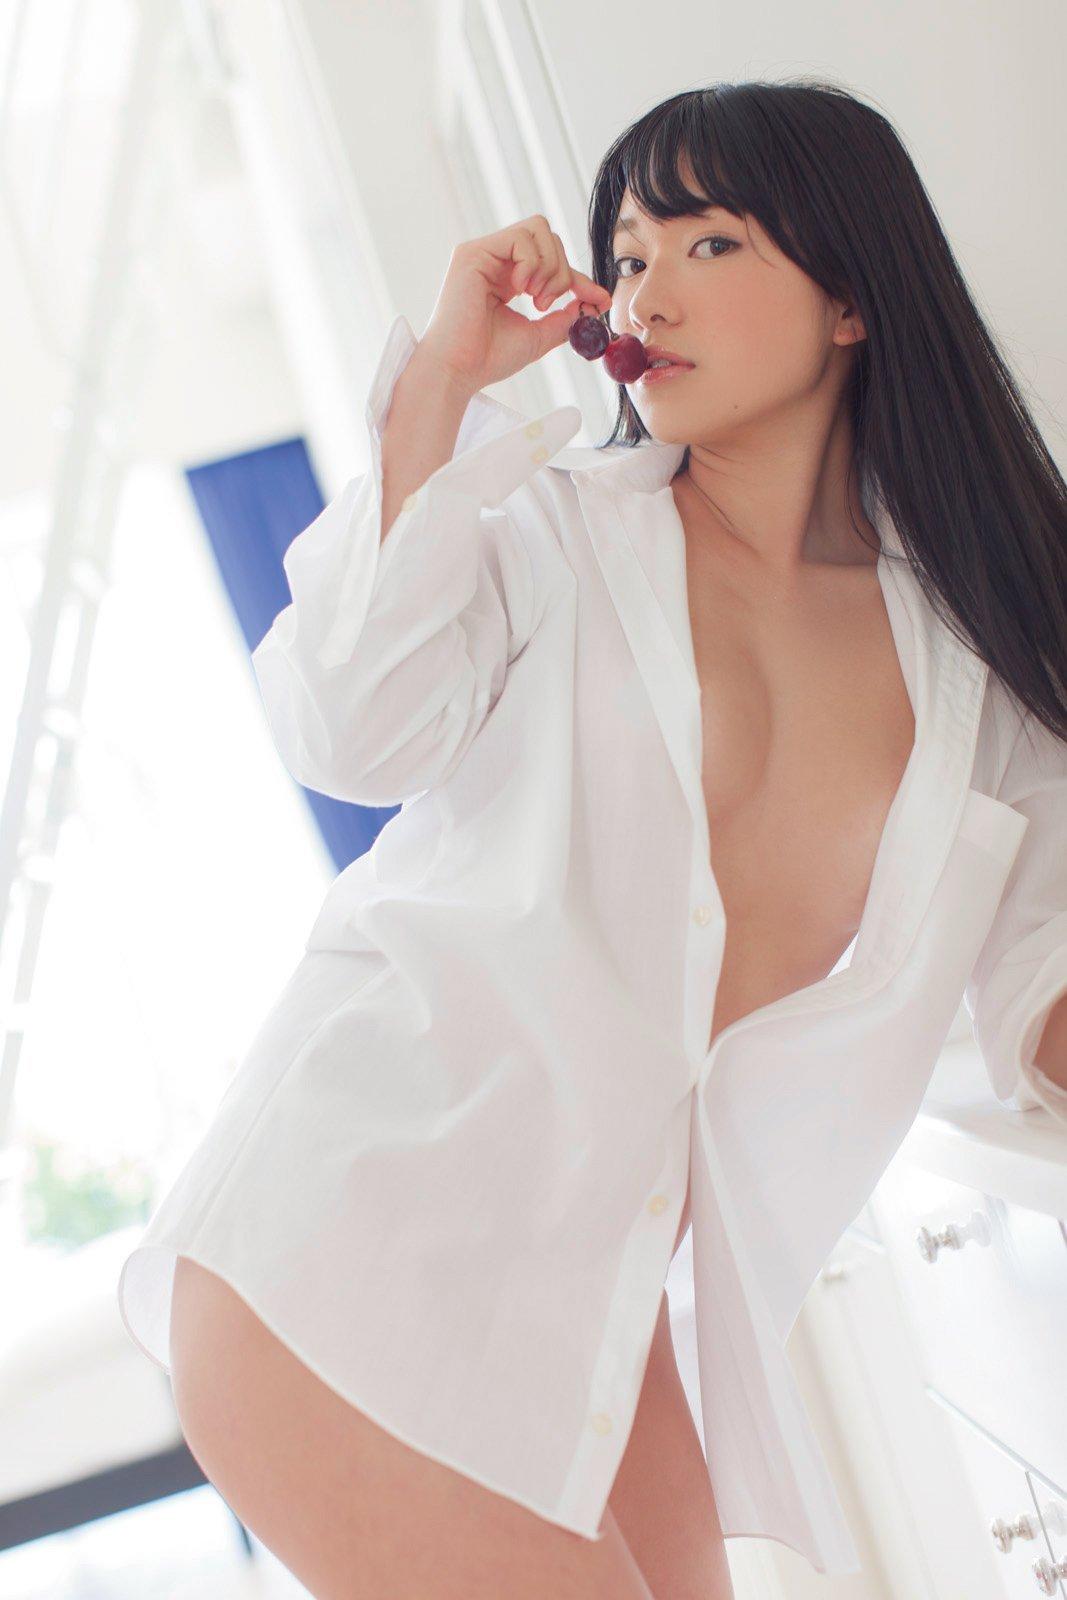 ワイシャツ_全裸_フェチ_エロ画像_02